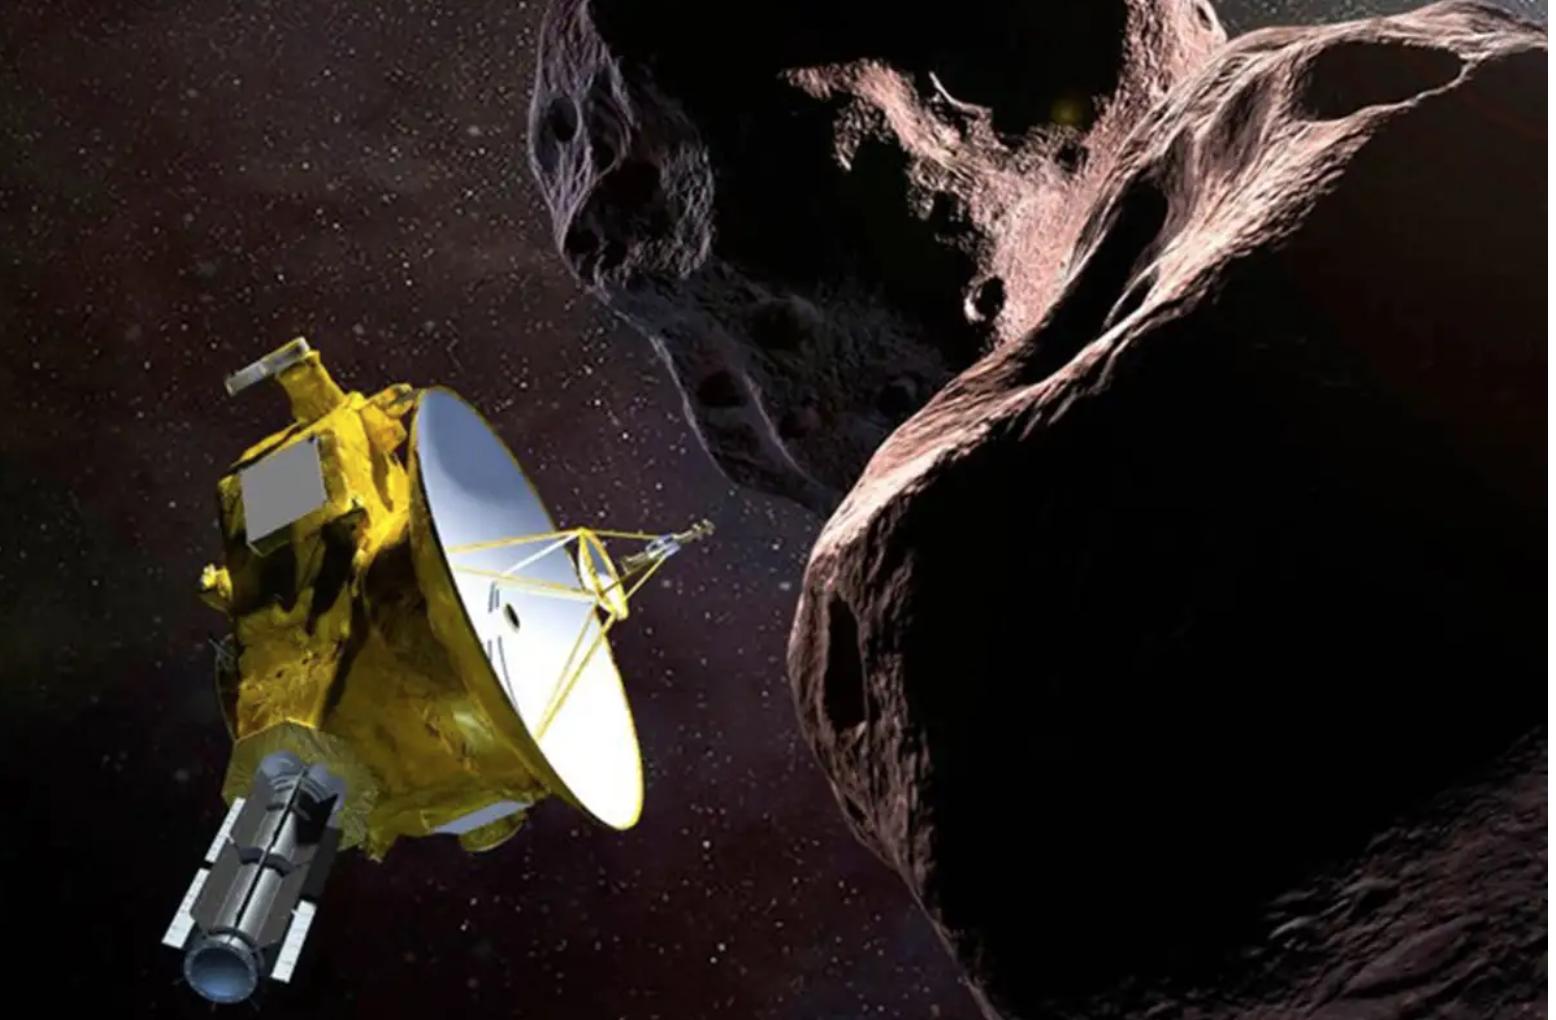 La sonda espacial New Horizons de la NASA está lista para su sobrevuelo histórico en el cinturón de Kuiper